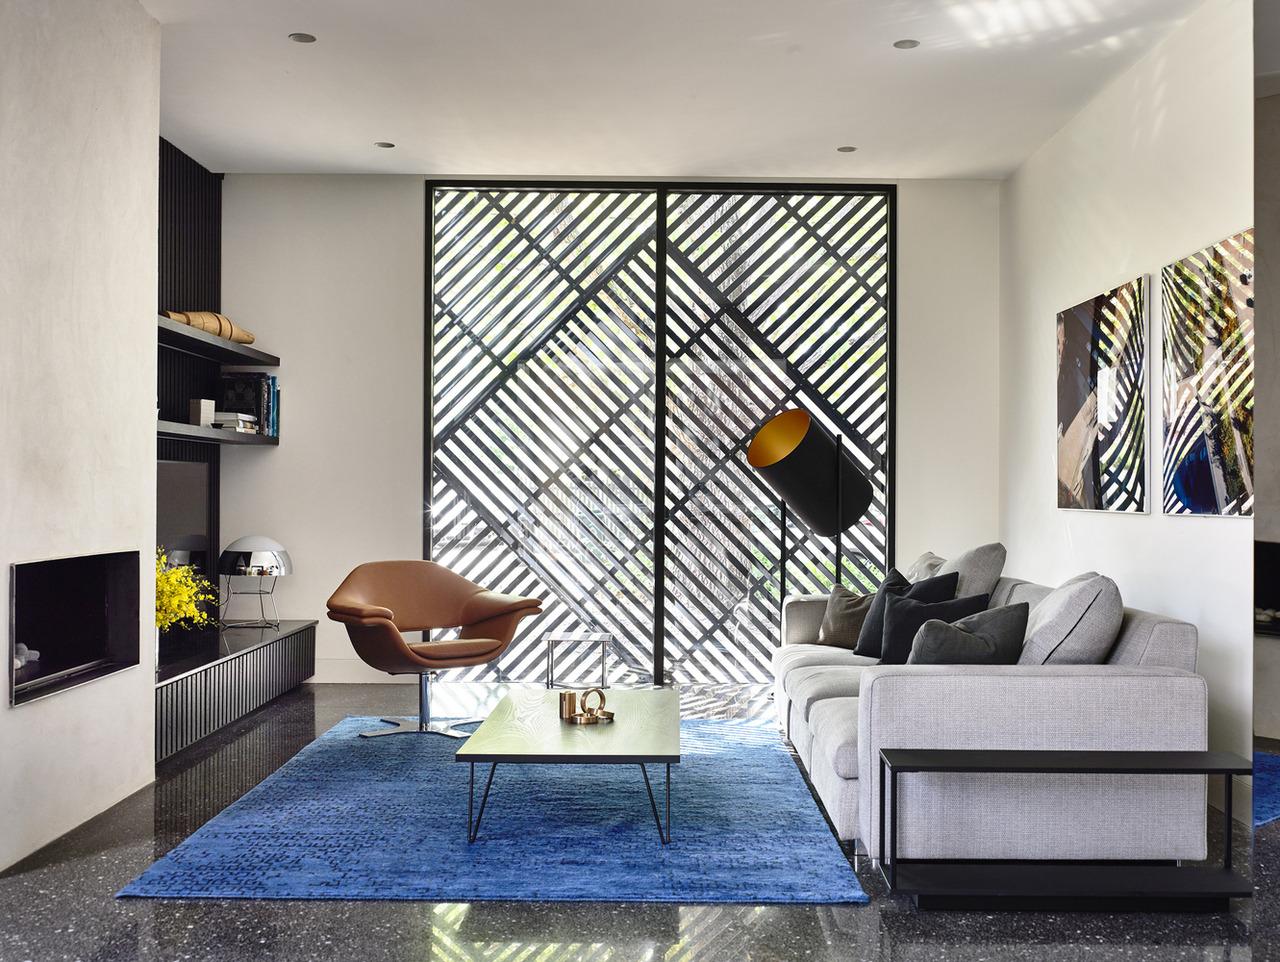 Ideas de decoraci n y dise o para el hogar el124 for Diseno decoracion hogar talagante